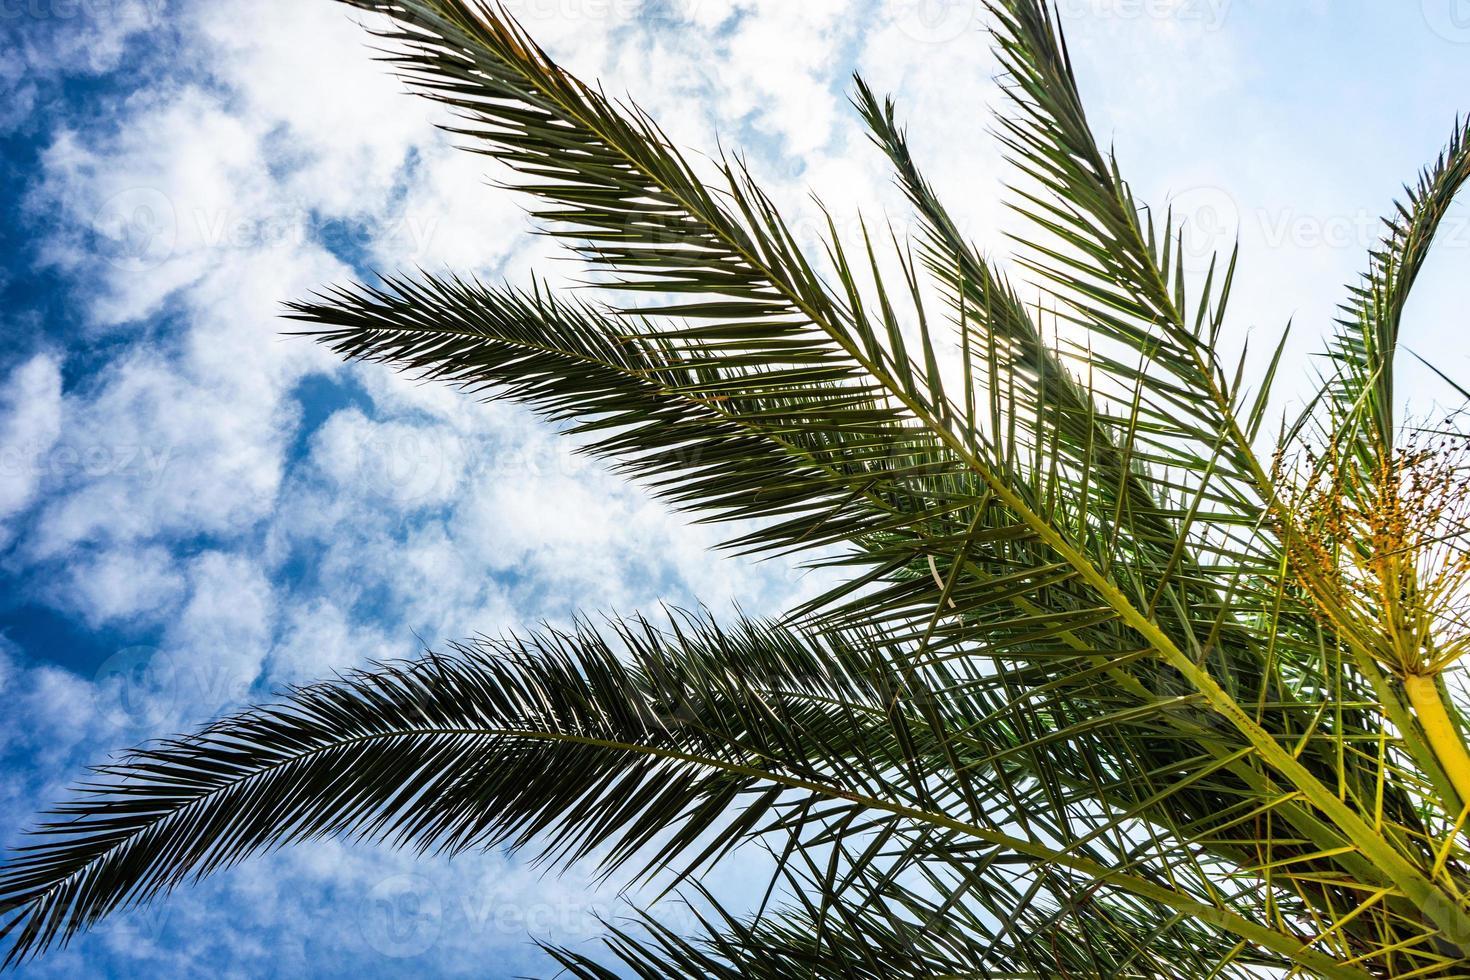 palmblad som en naturlig bakgrund foto